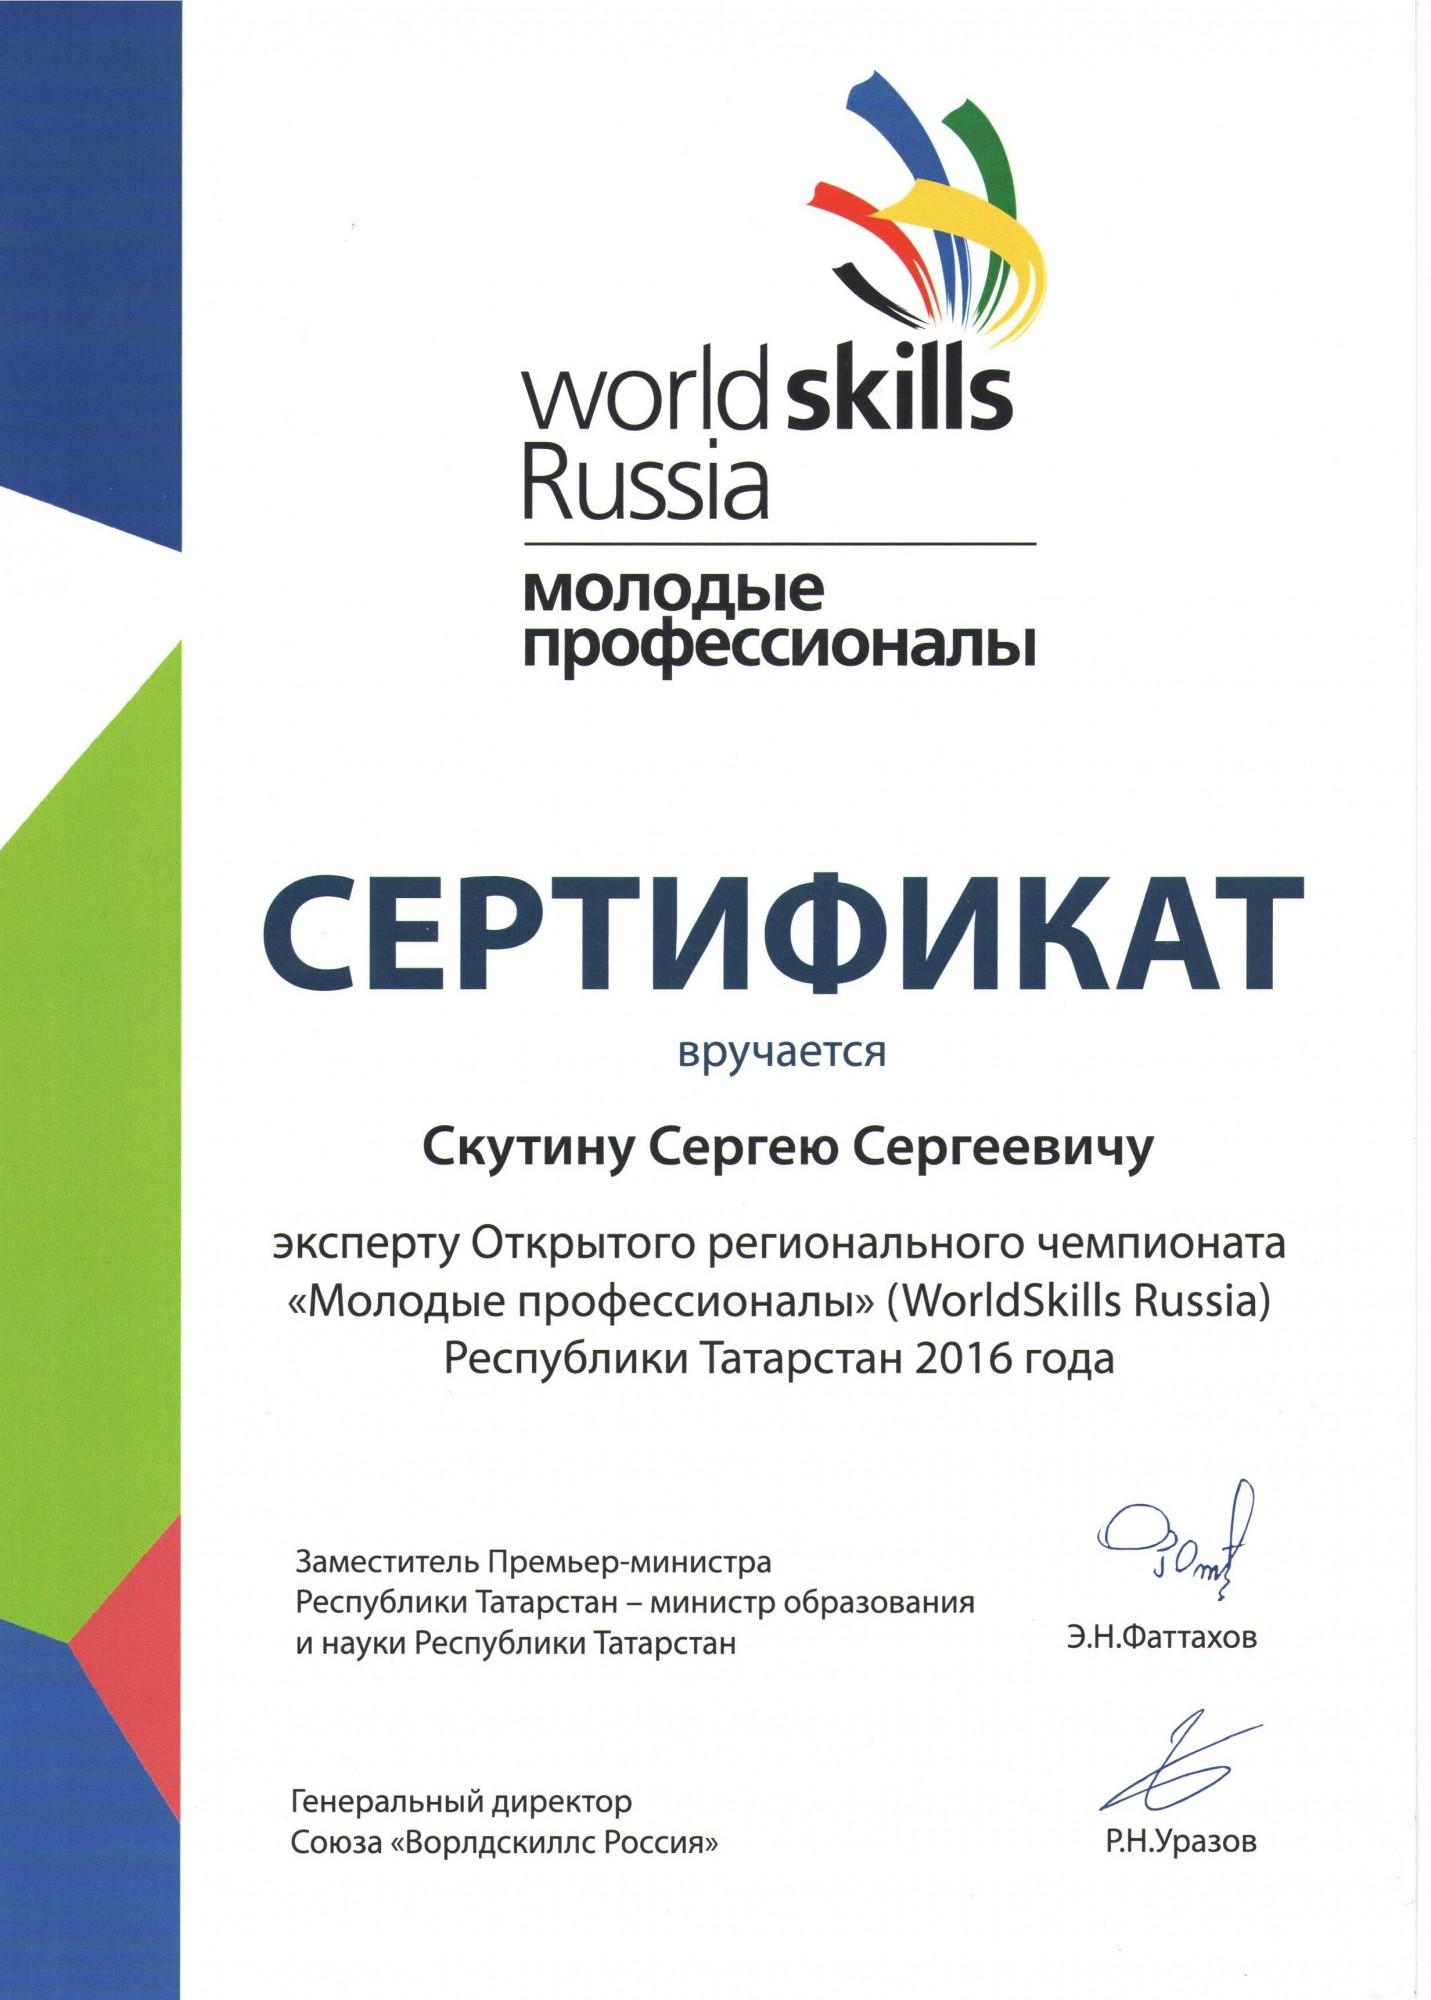 сертификакт11.jpeg